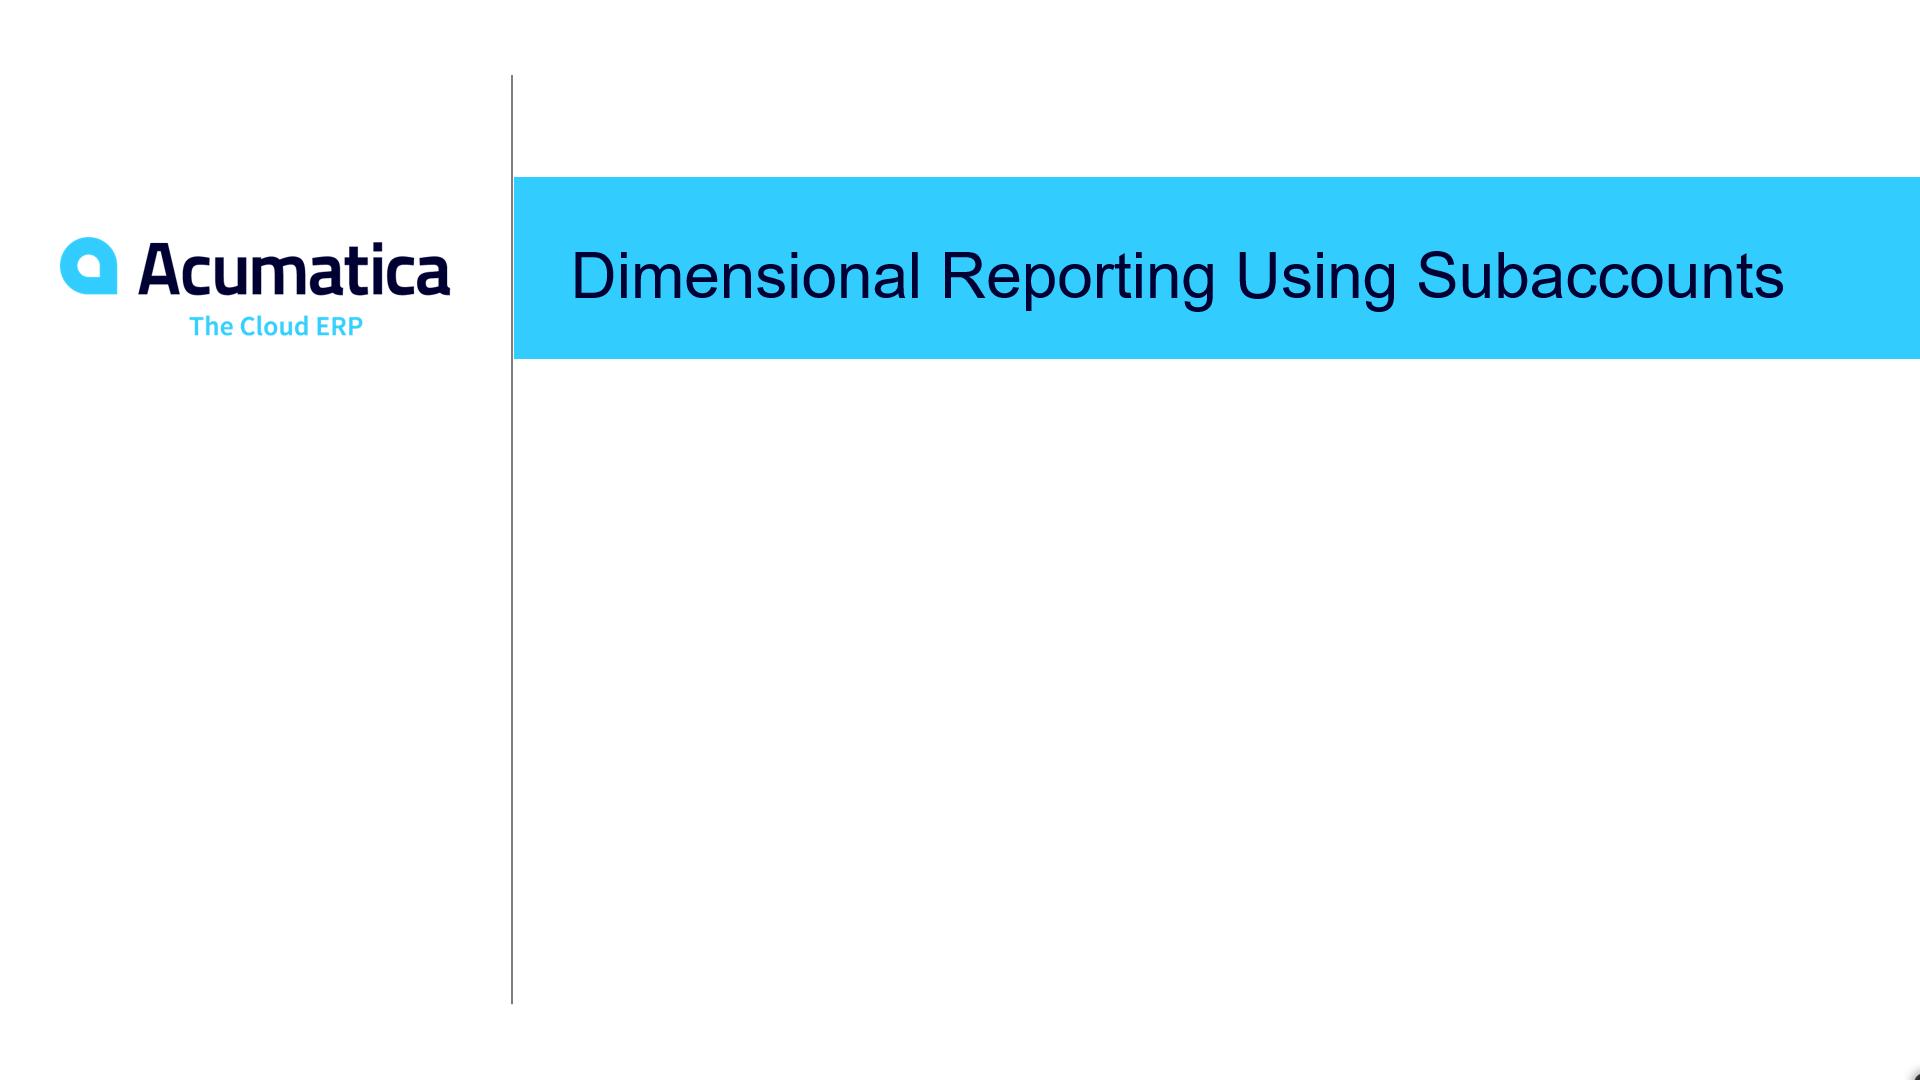 Dimensional Reporting Using Subaccounts